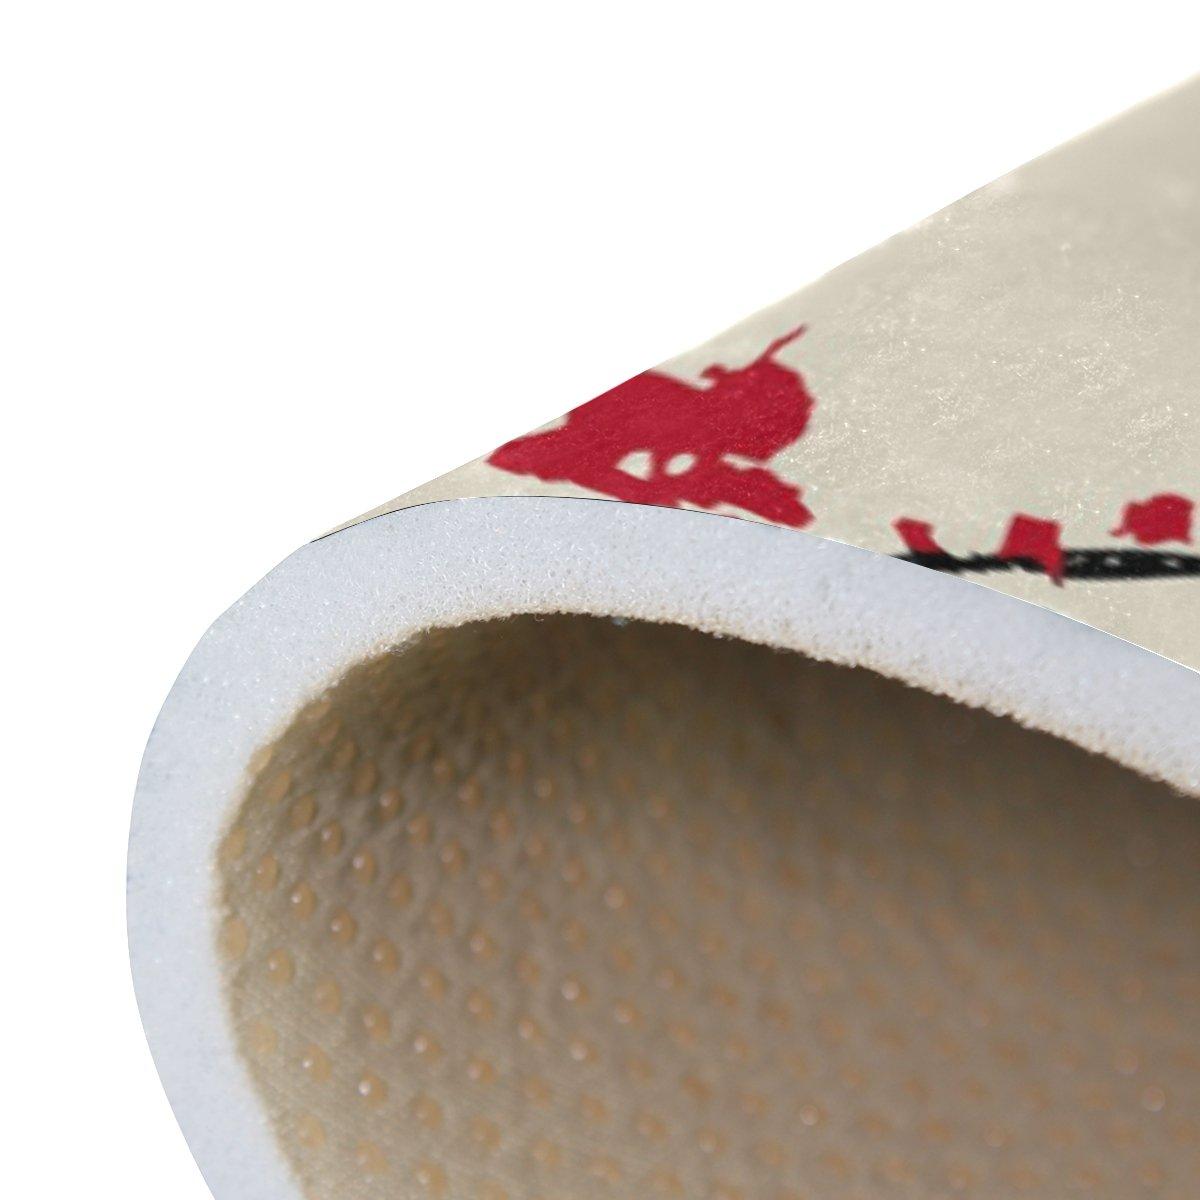 tradizionale fiore Sakura Cherry Blossom nursery tappeto pavimento tappetino yoga Multi 120 x 180 cm 4 x soggiorno cucina 50/x 80/cm 1.7/x 2.6 ft Naanle Giappone giapponese stile vintage tappeto antiscivolo per per camera da letto